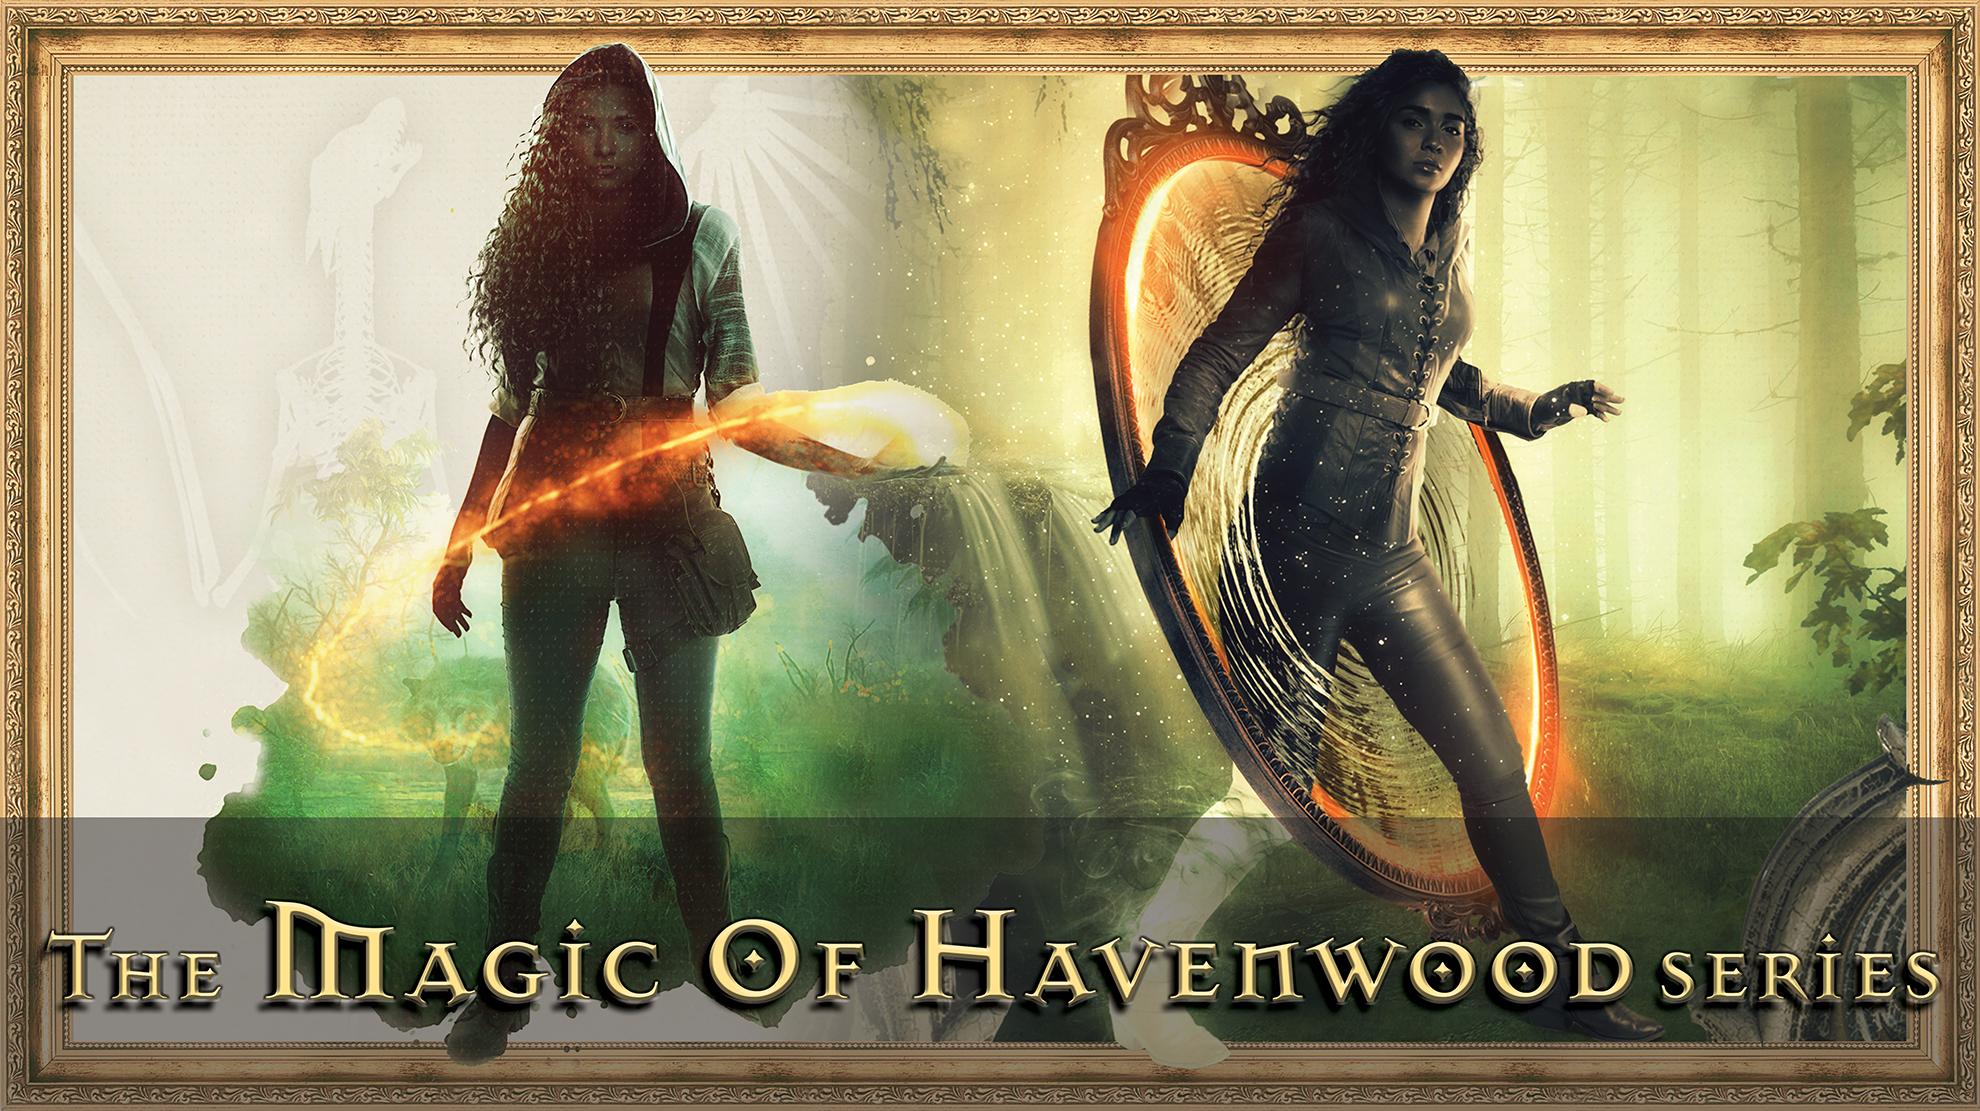 HavenwoodSeriesAd-WEBSIZE.png